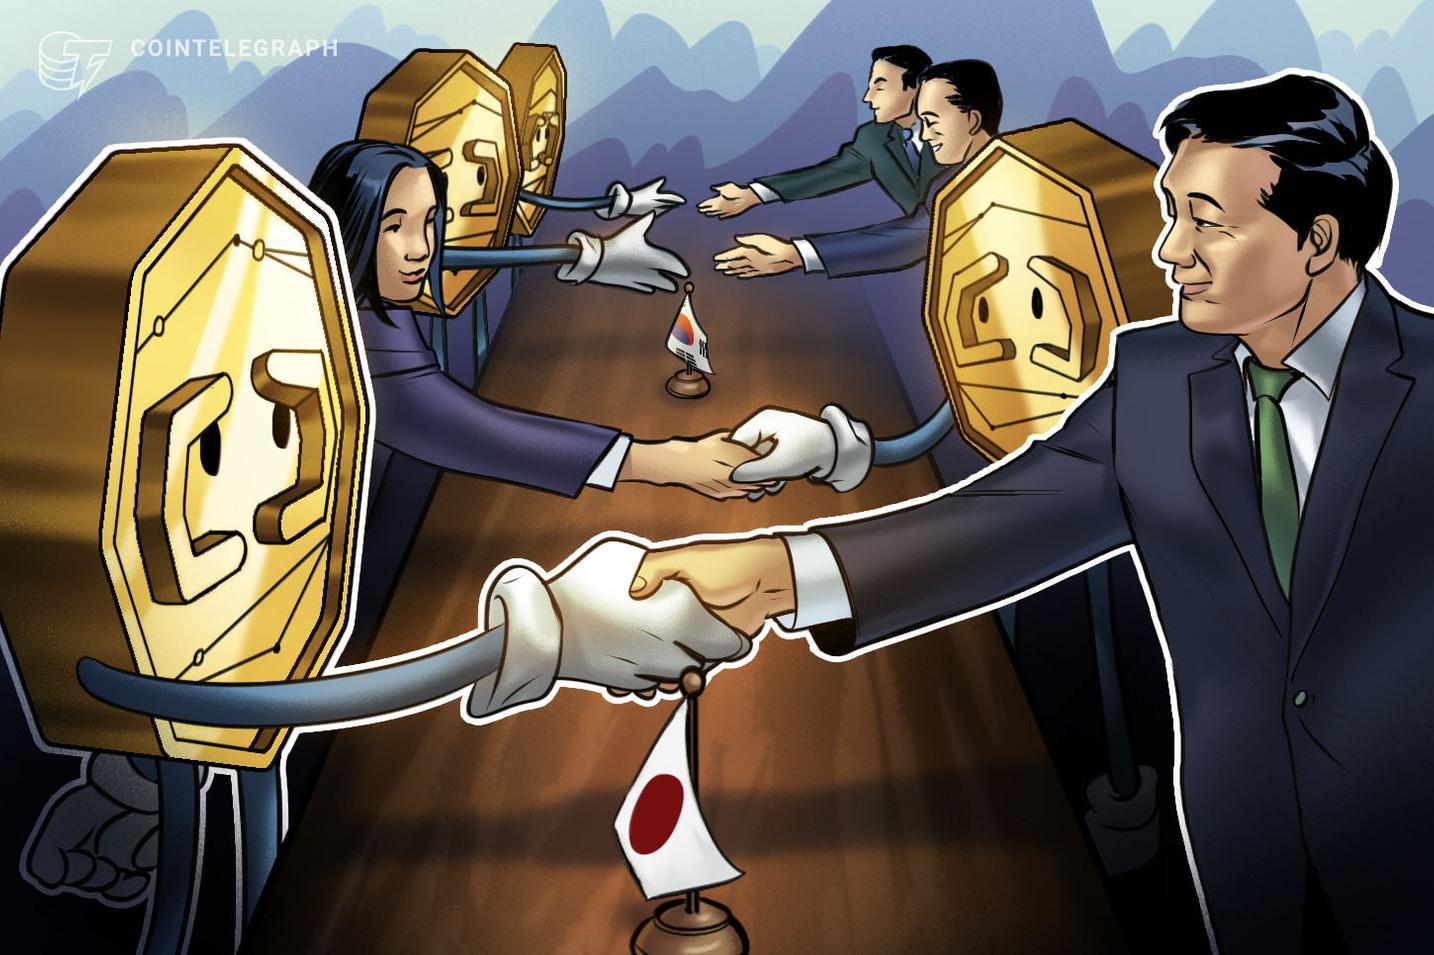 Corporação sul coreana Kakao pode listar seu token em exchange chinesa